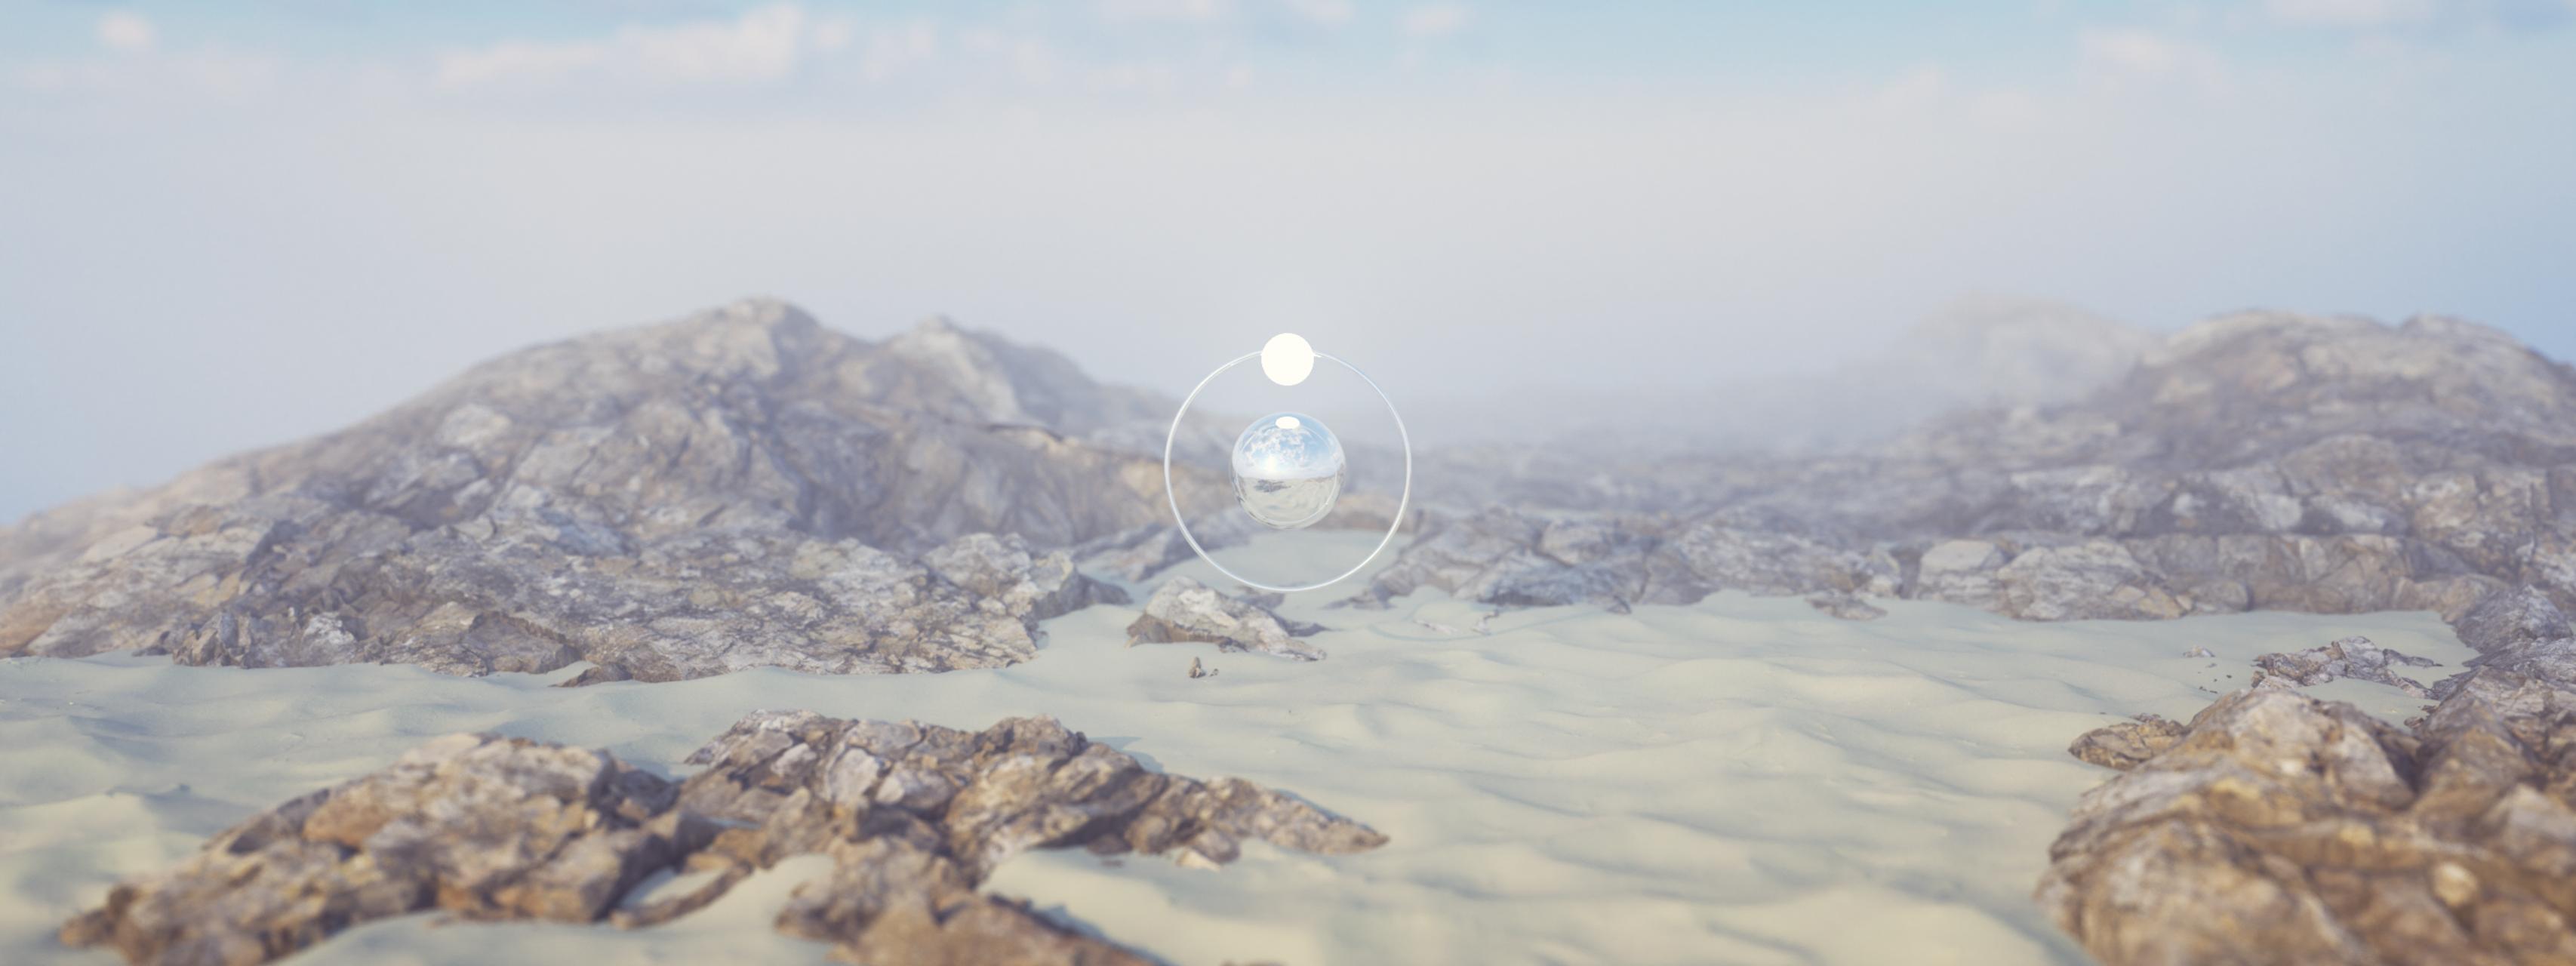 Desert Clockwork